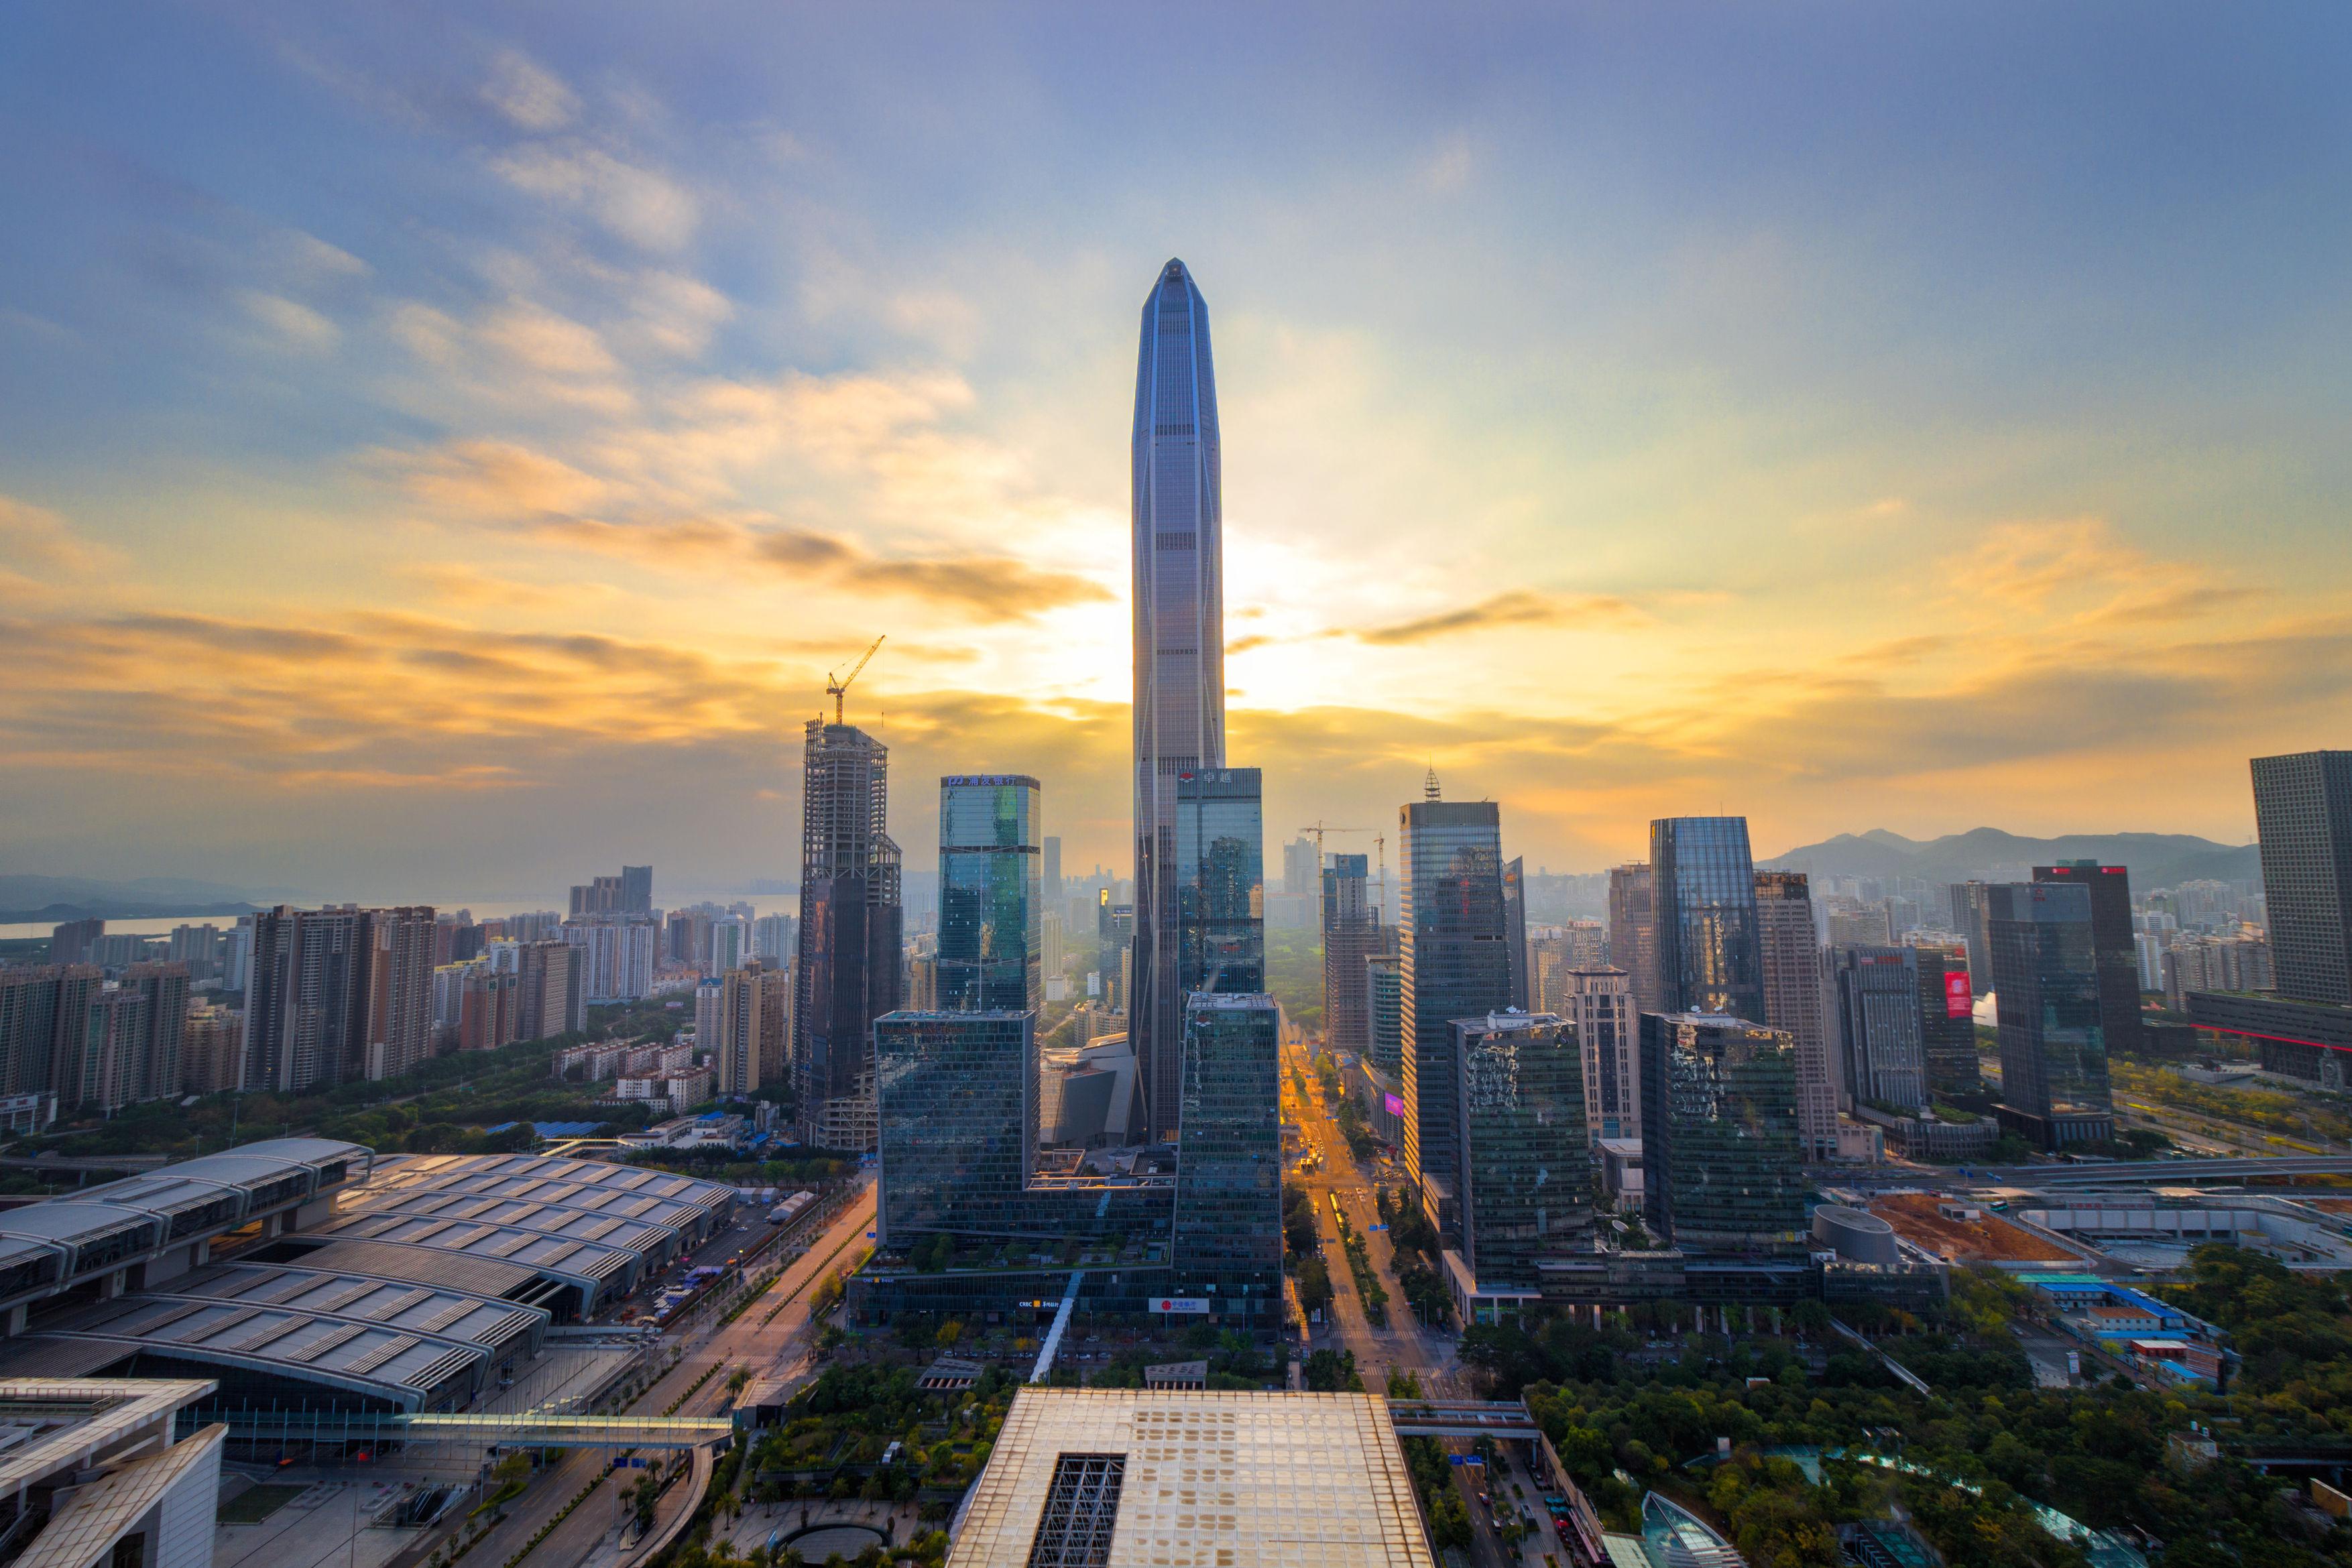 合力泰(002217.SZ)18年度净利同比增长16.30%至13.72亿元